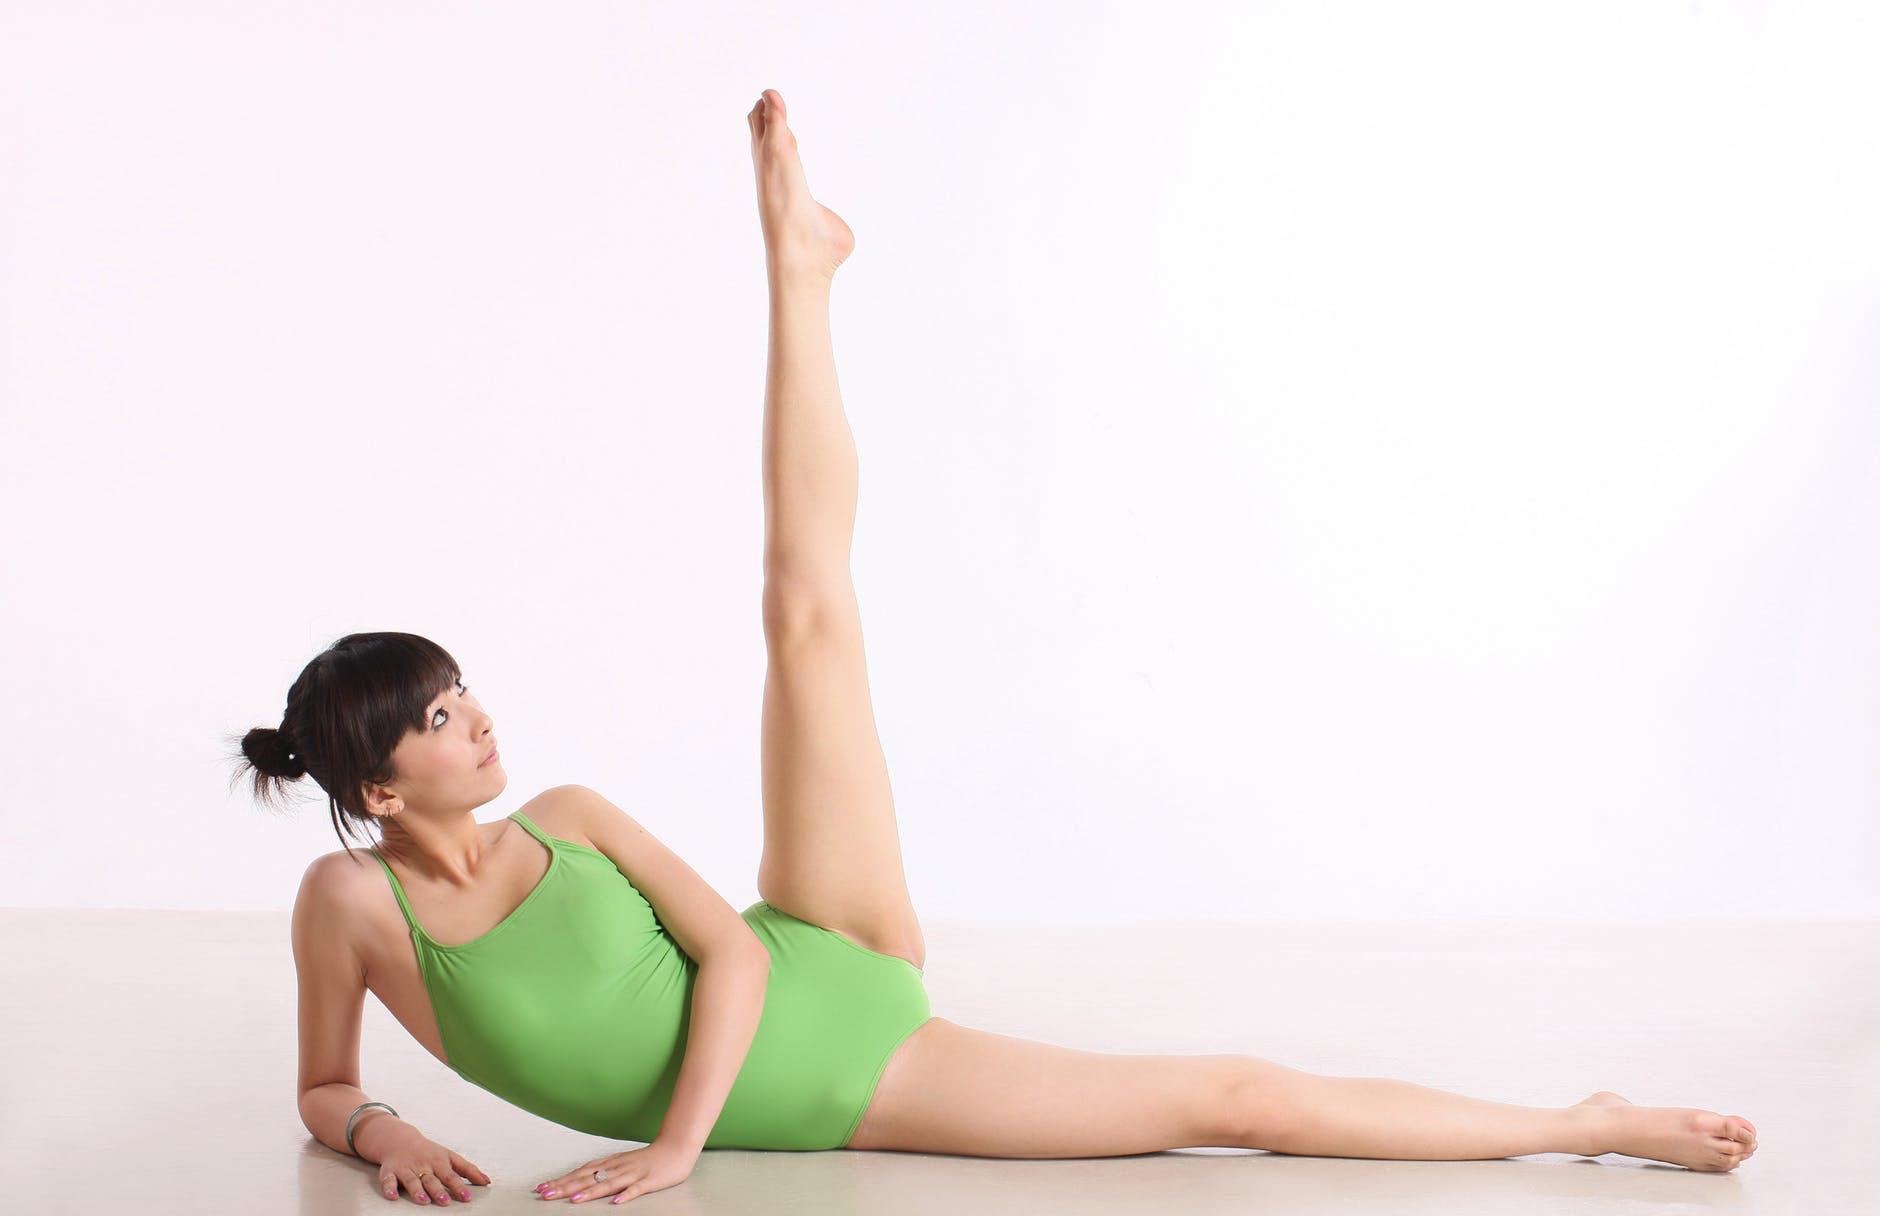 woman in green leotard doing a leg lift